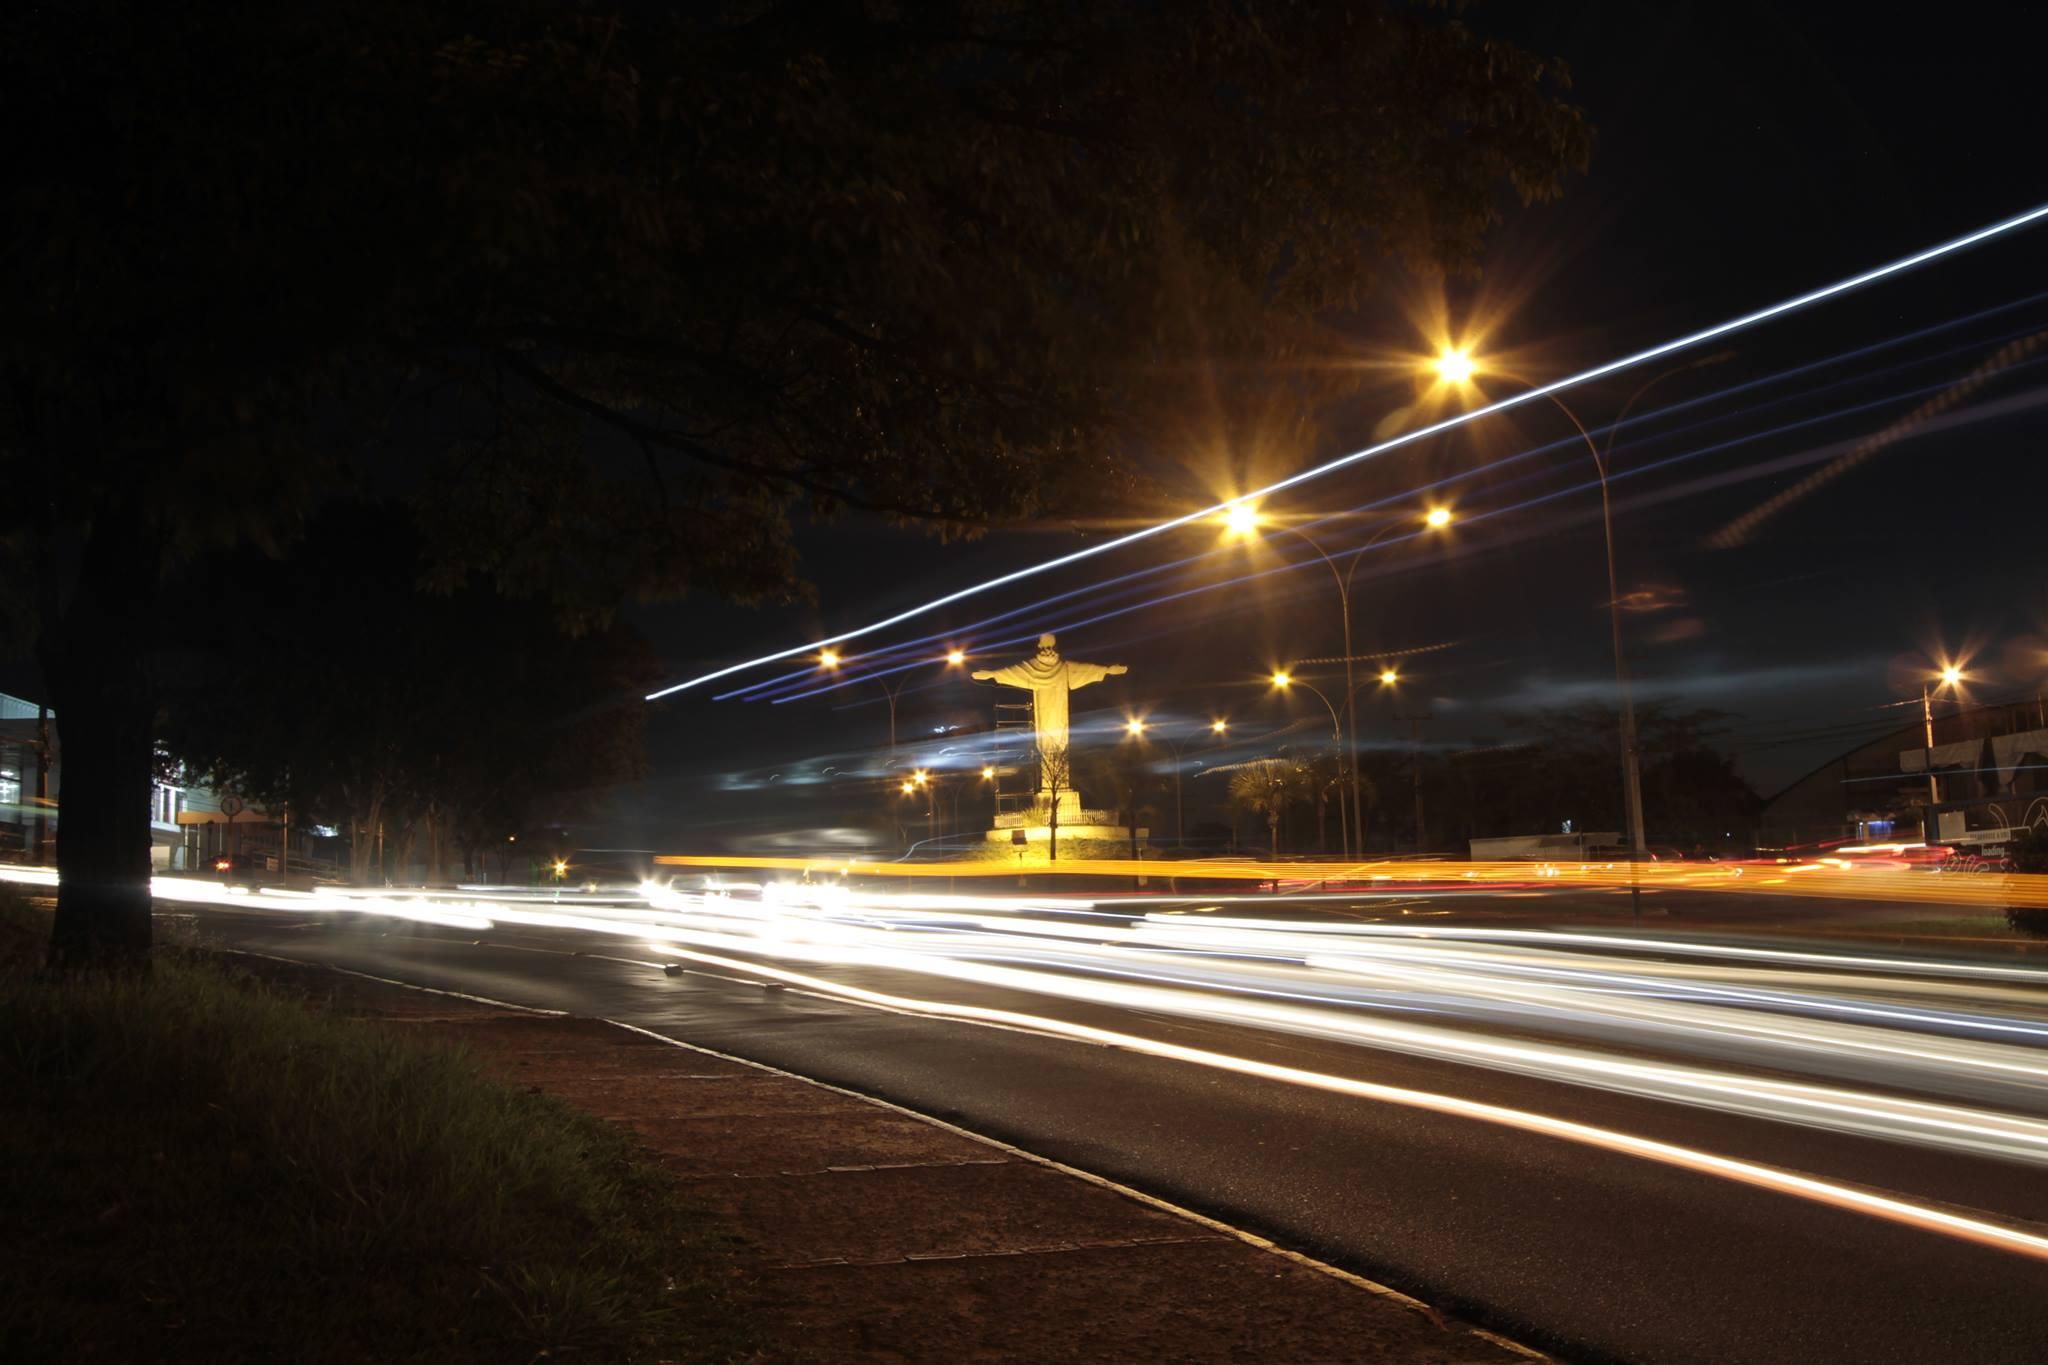 Em menos de 10 meses, a cidade beira 1 mil registros de acidentes